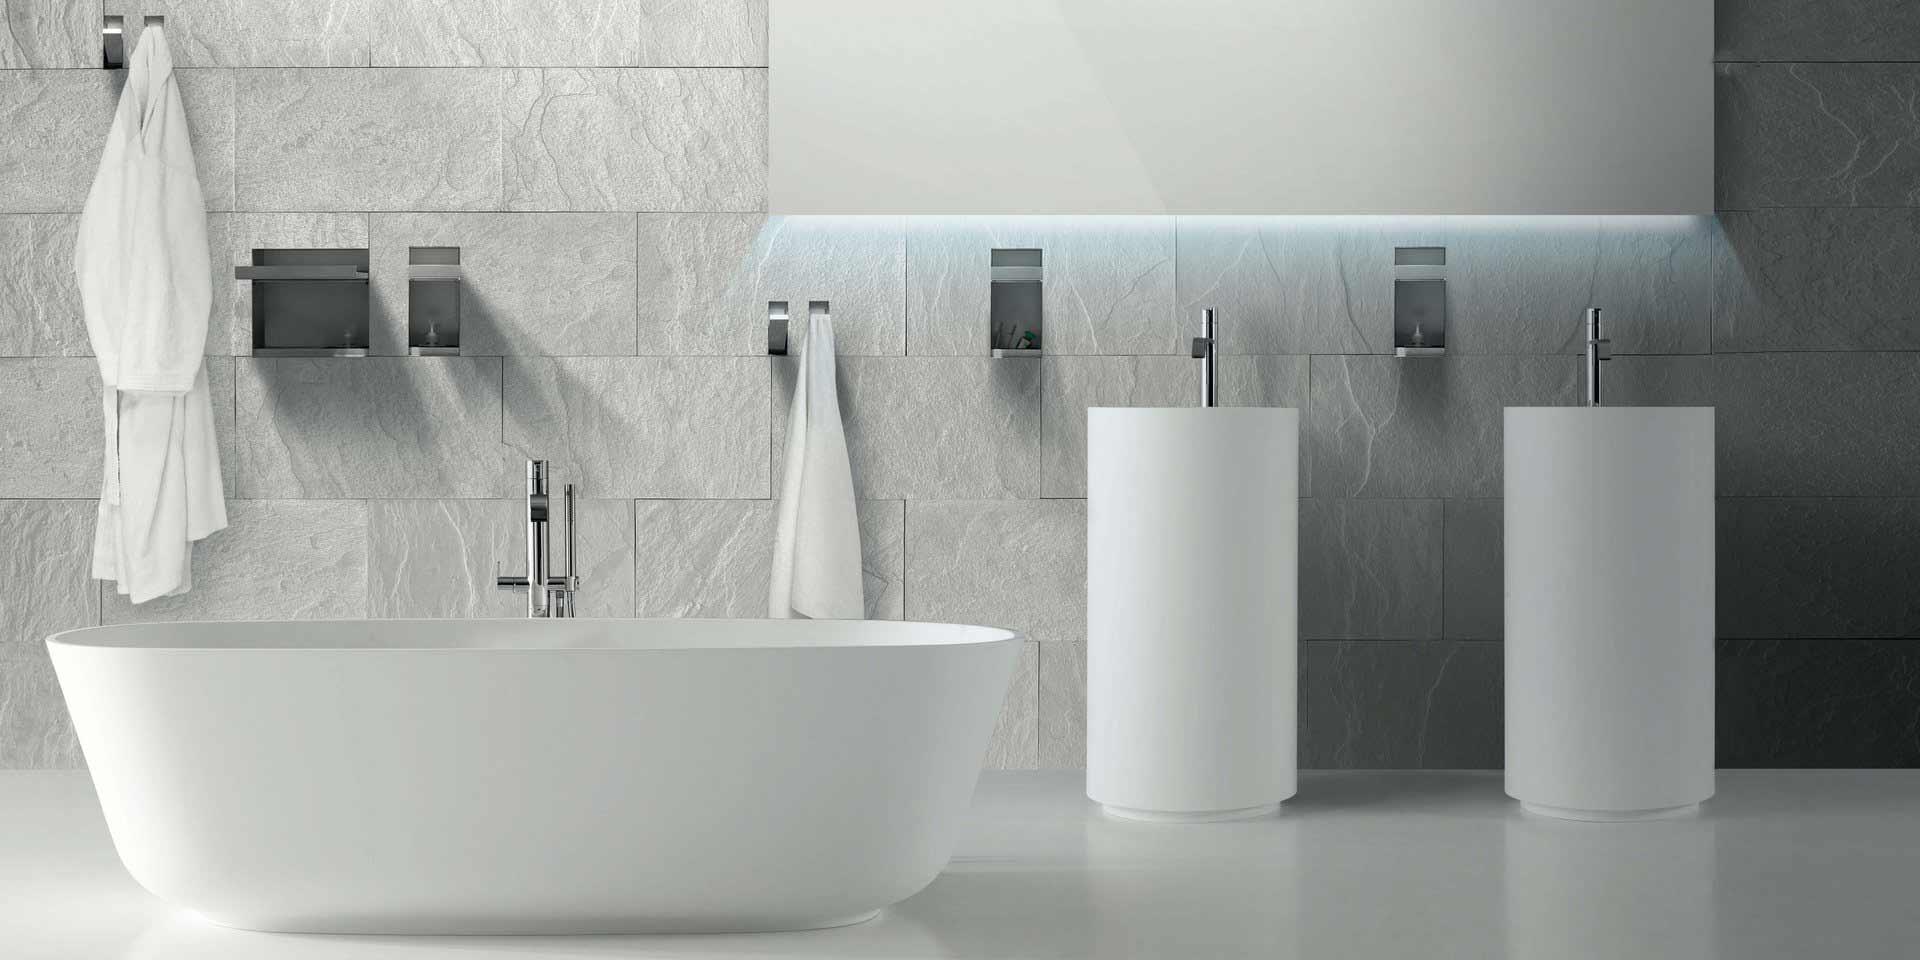 baños-de-antonio-lupi-sanitarios-de-diseño-en-vitoria-oscar-lacuesta